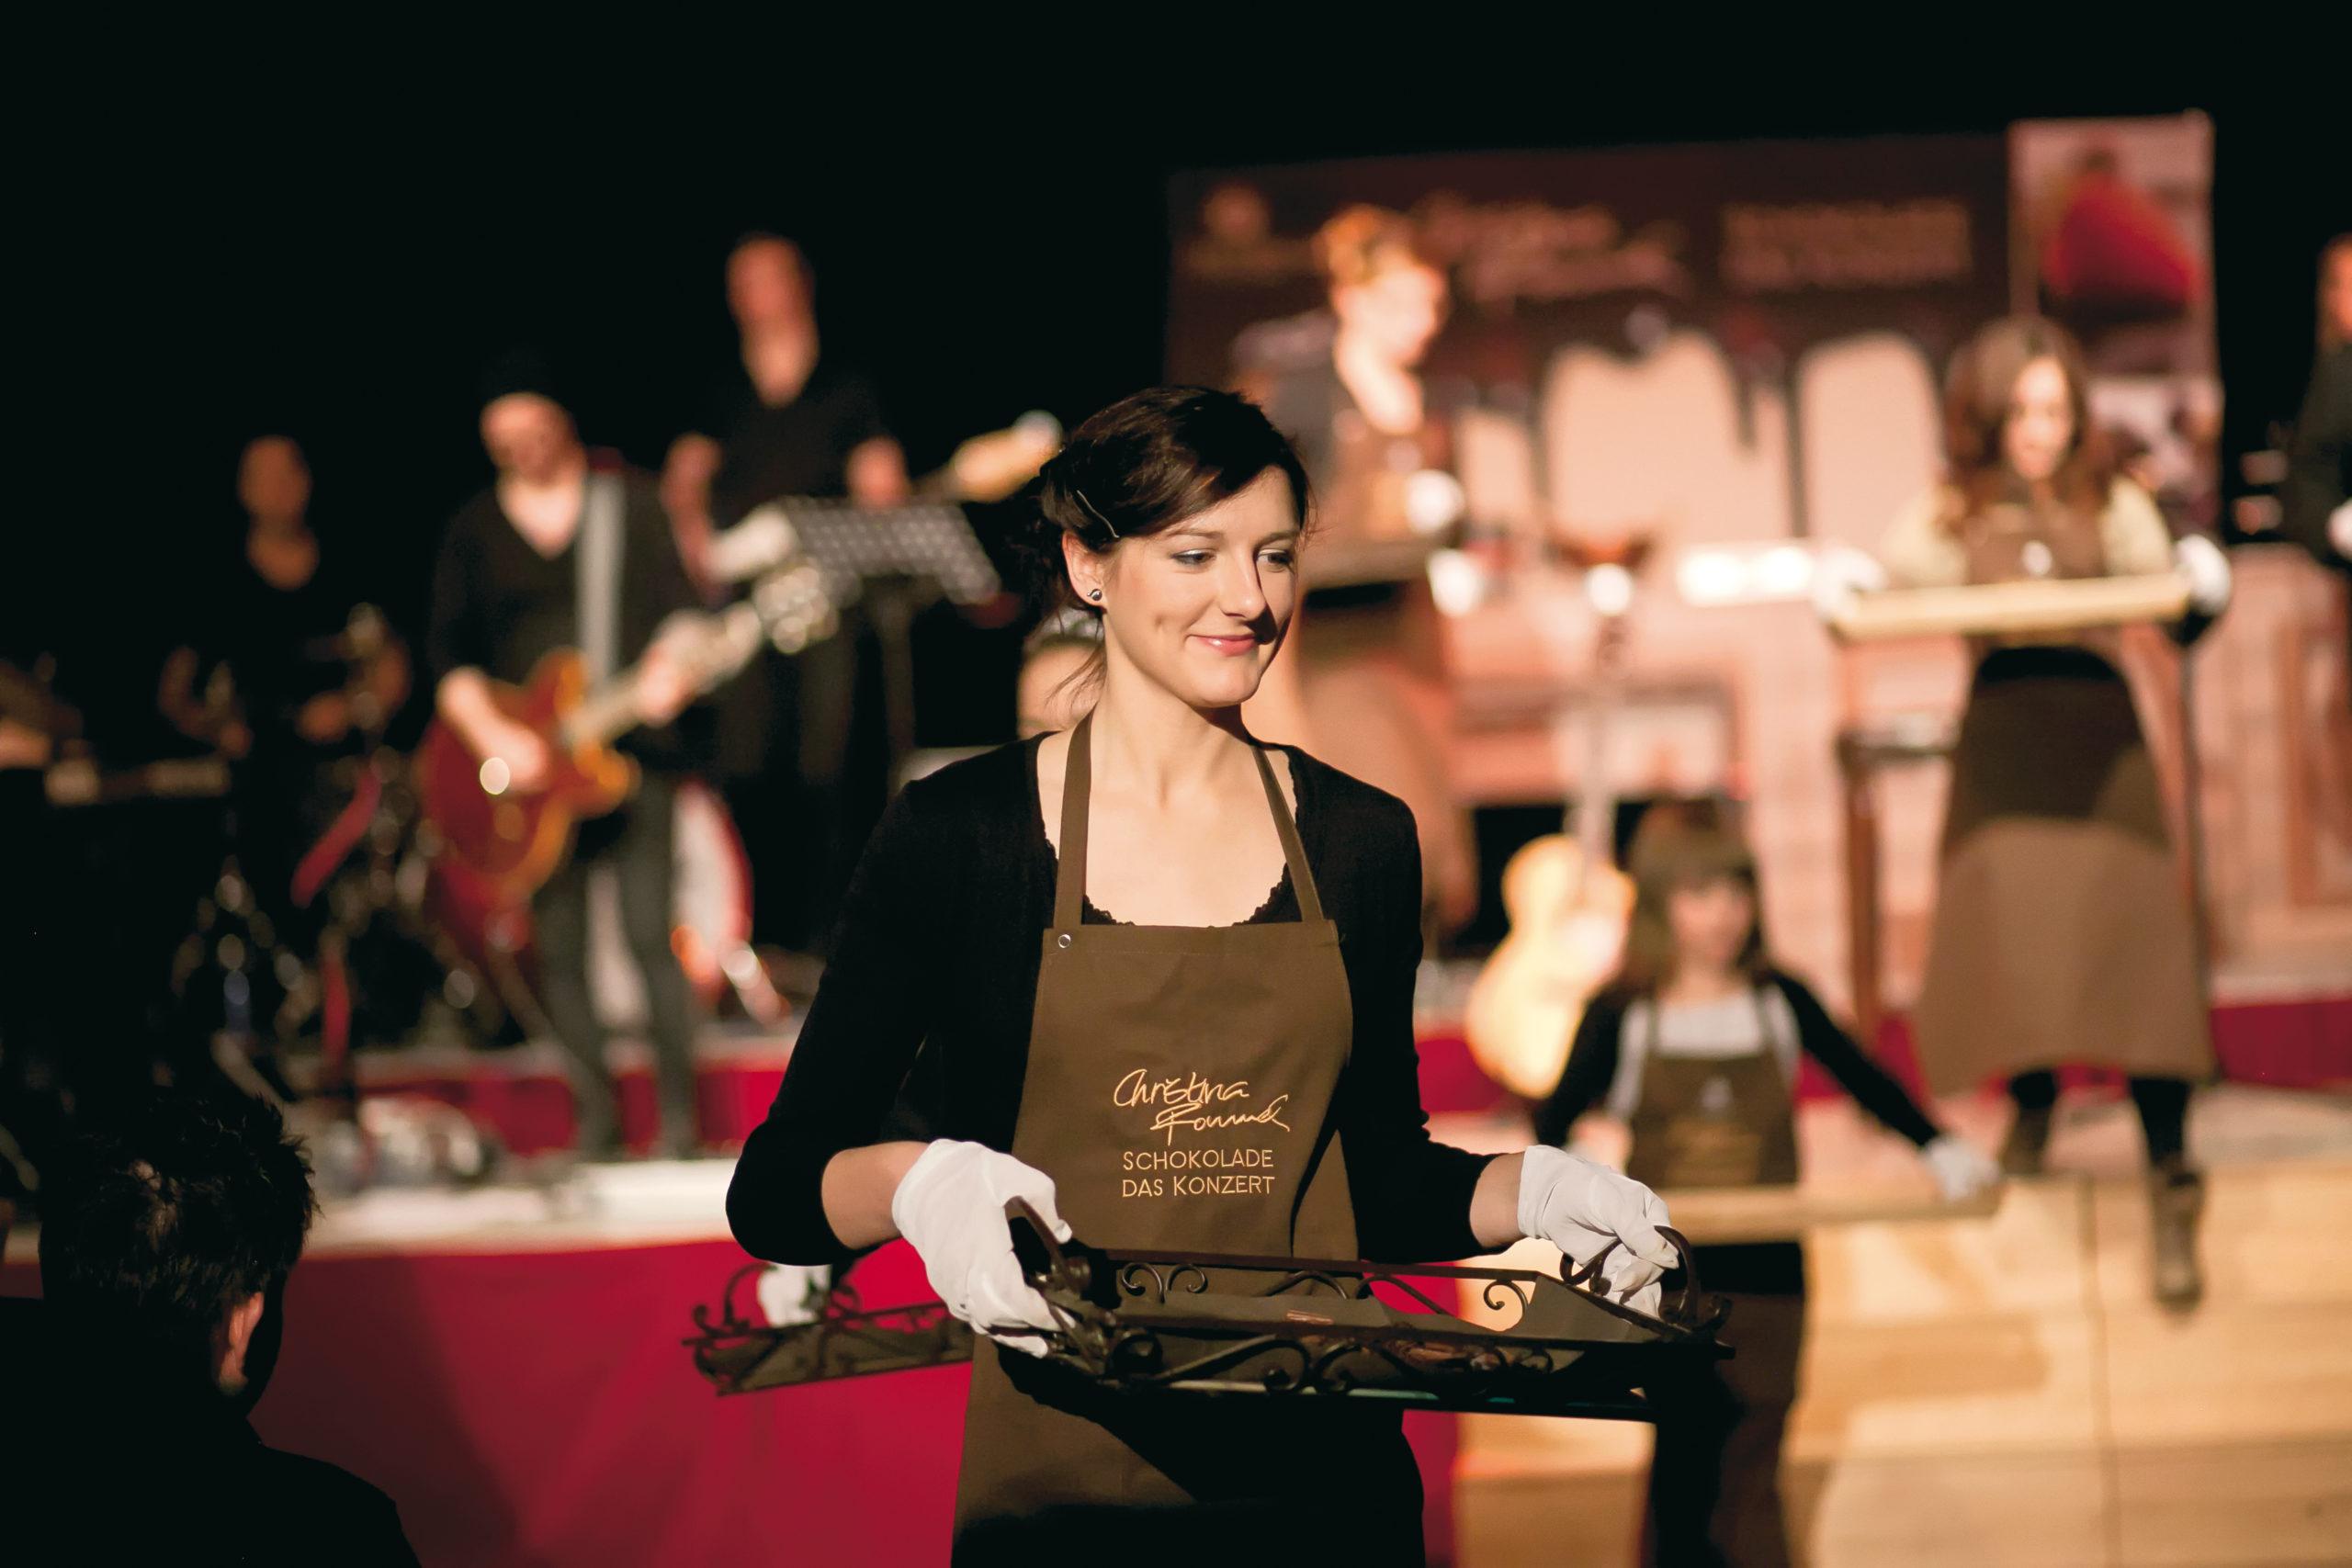 Schokoladenkonzert von Christina Rommel – Erlebnis für Gaumen, Augen, Ohren und Seele